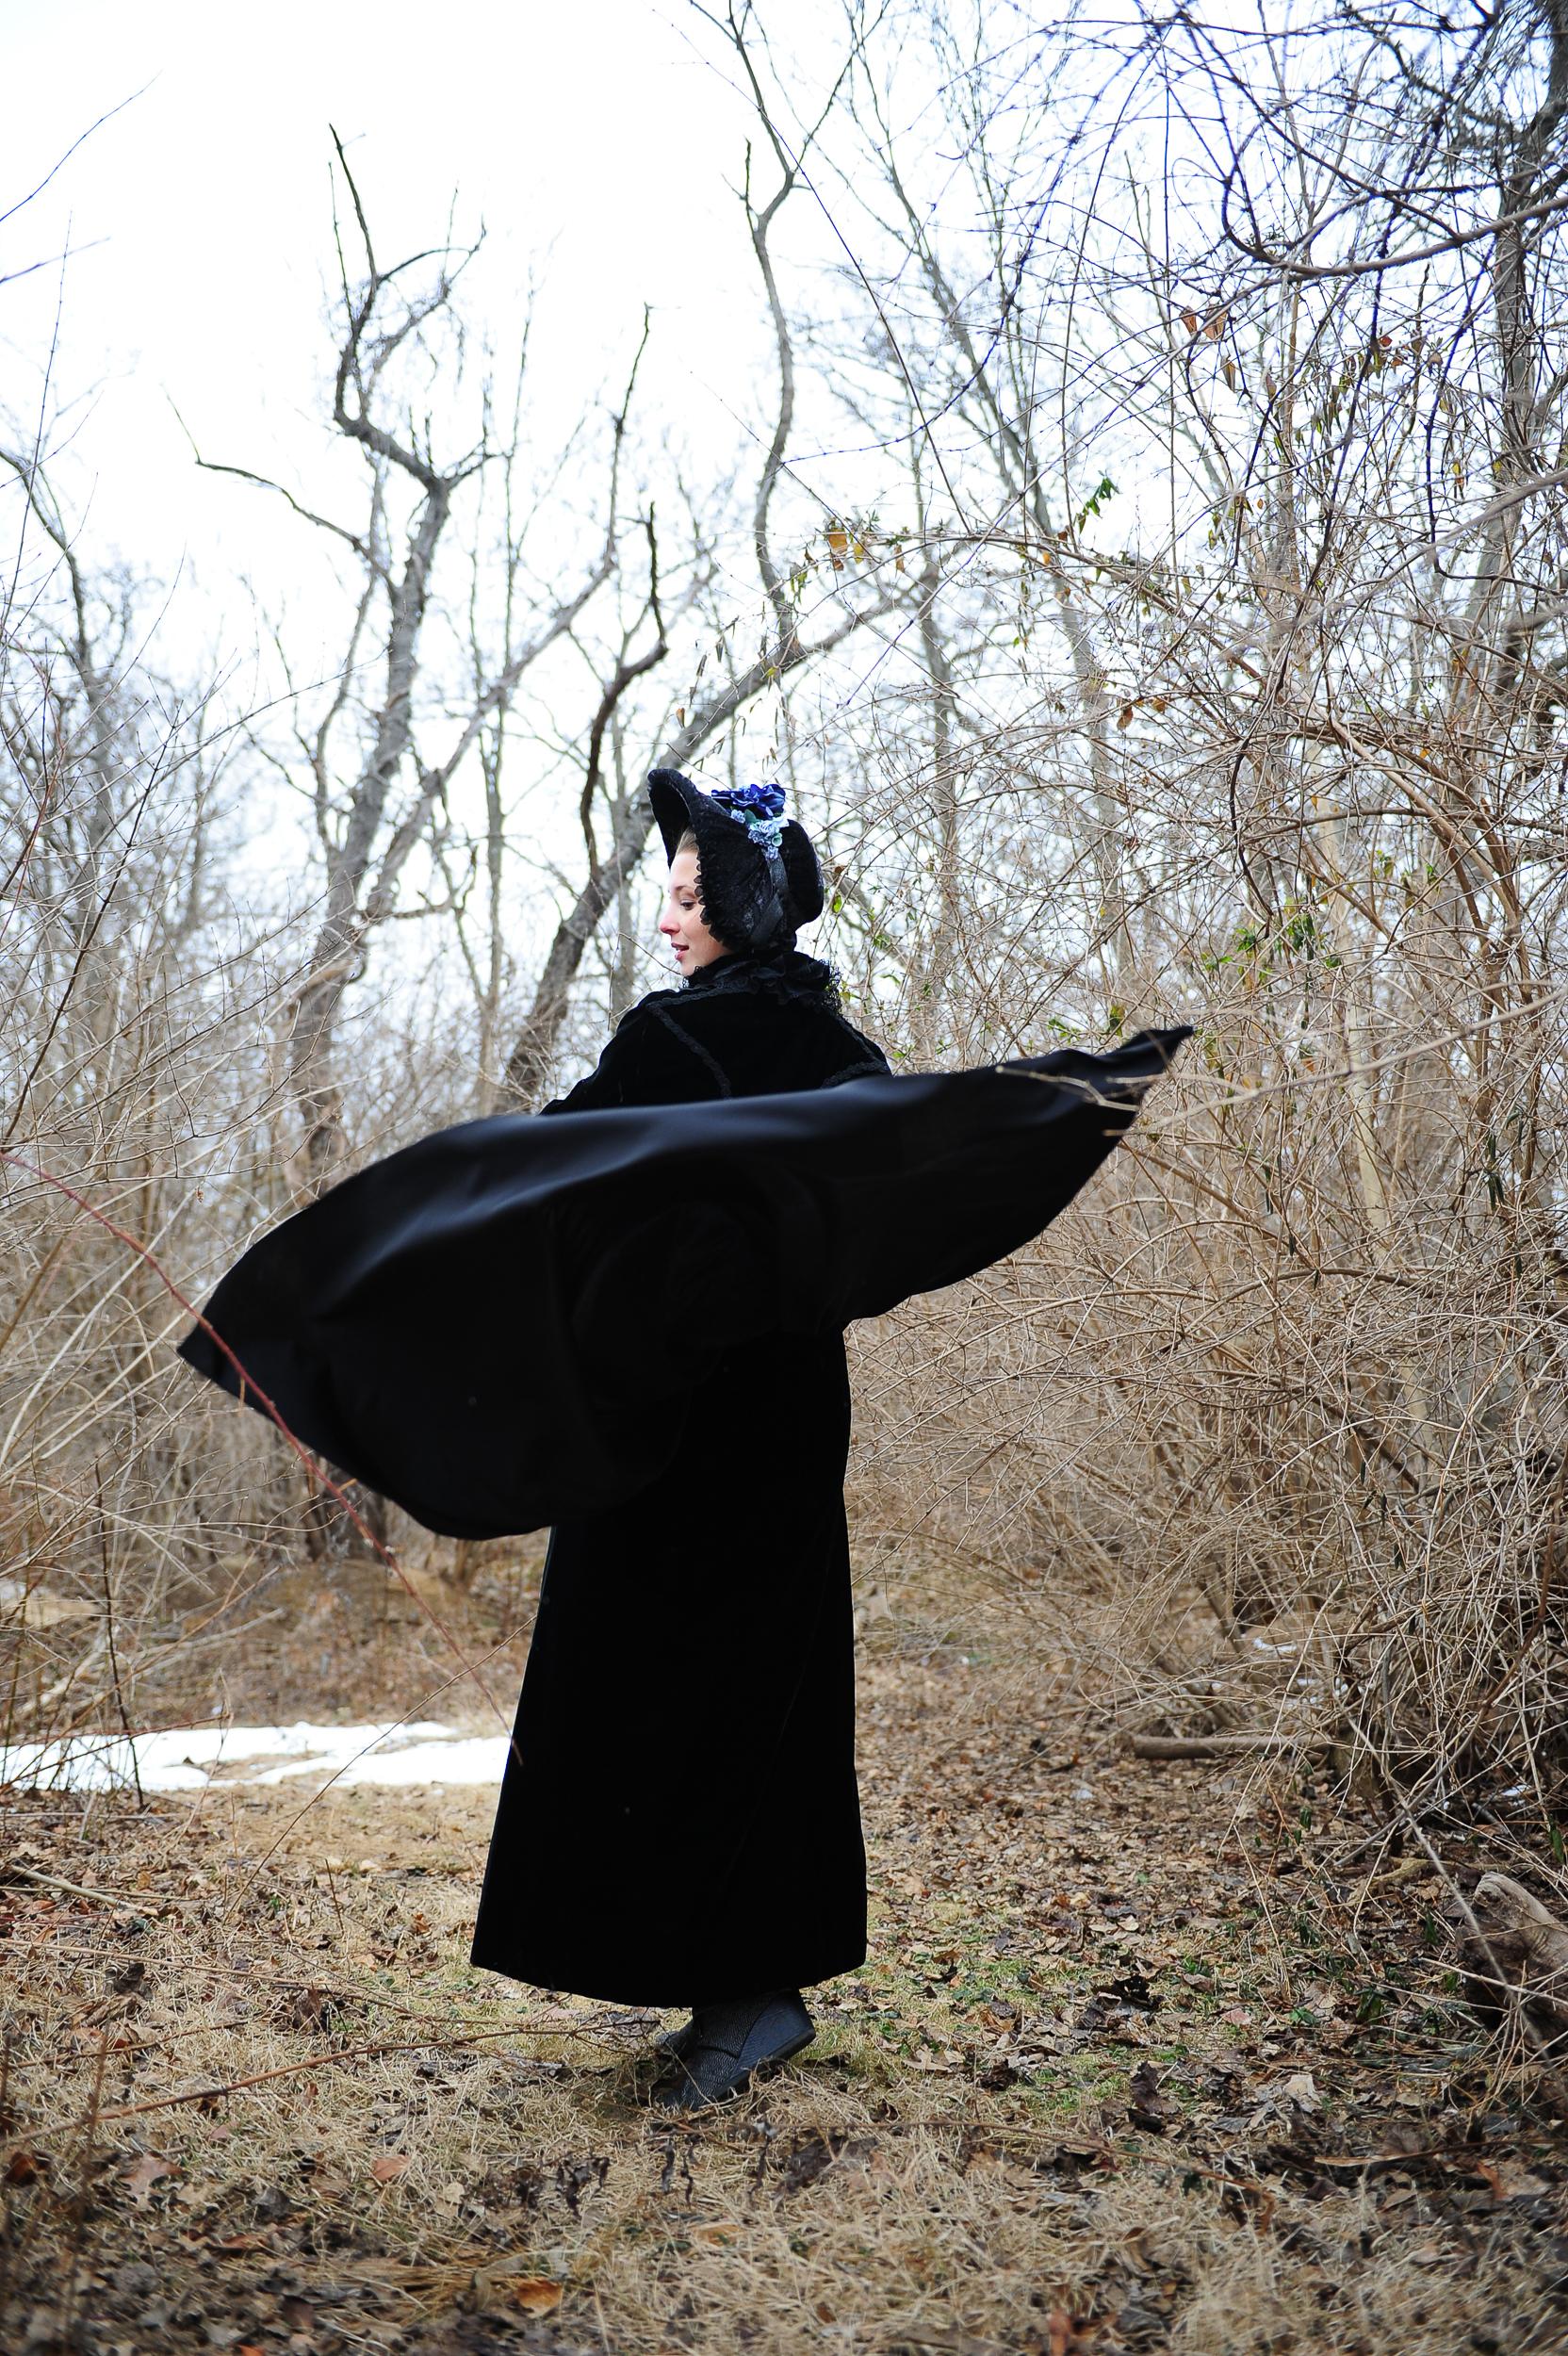 Model: Janessa Cornell Urwin -- Design: Michelle Ferranti